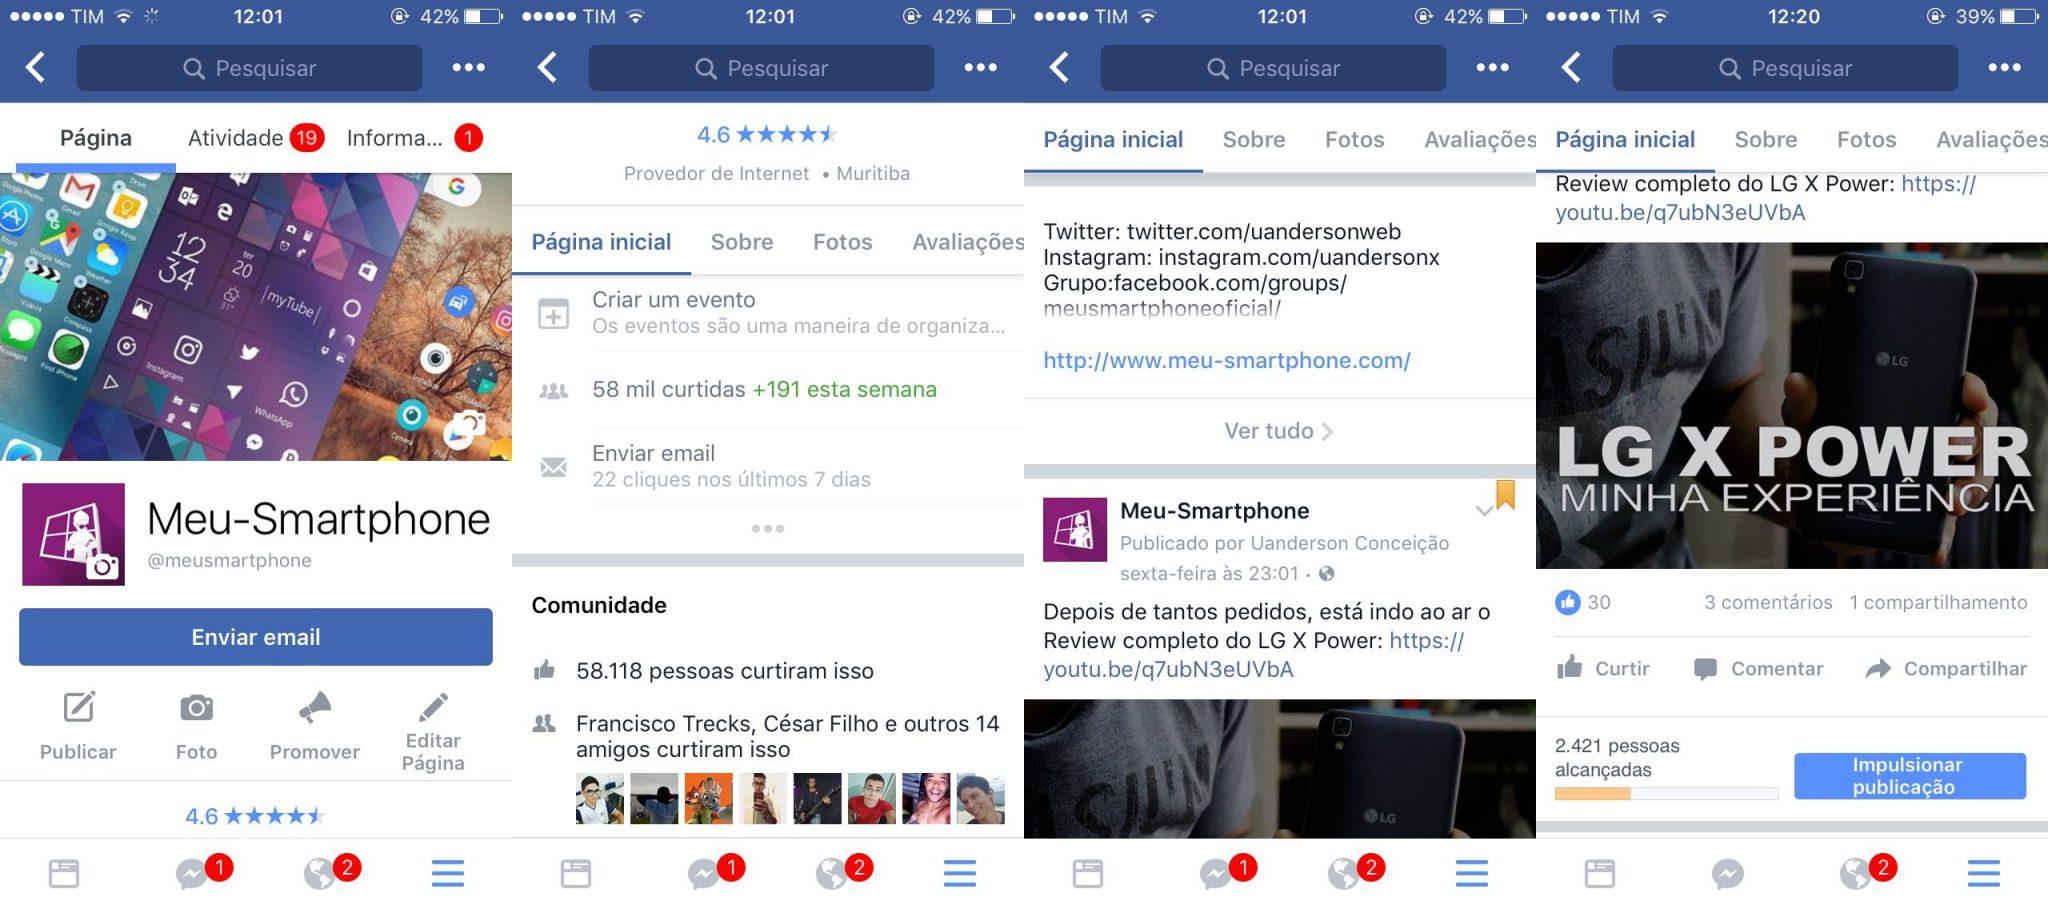 comparativo-facebook-2-16